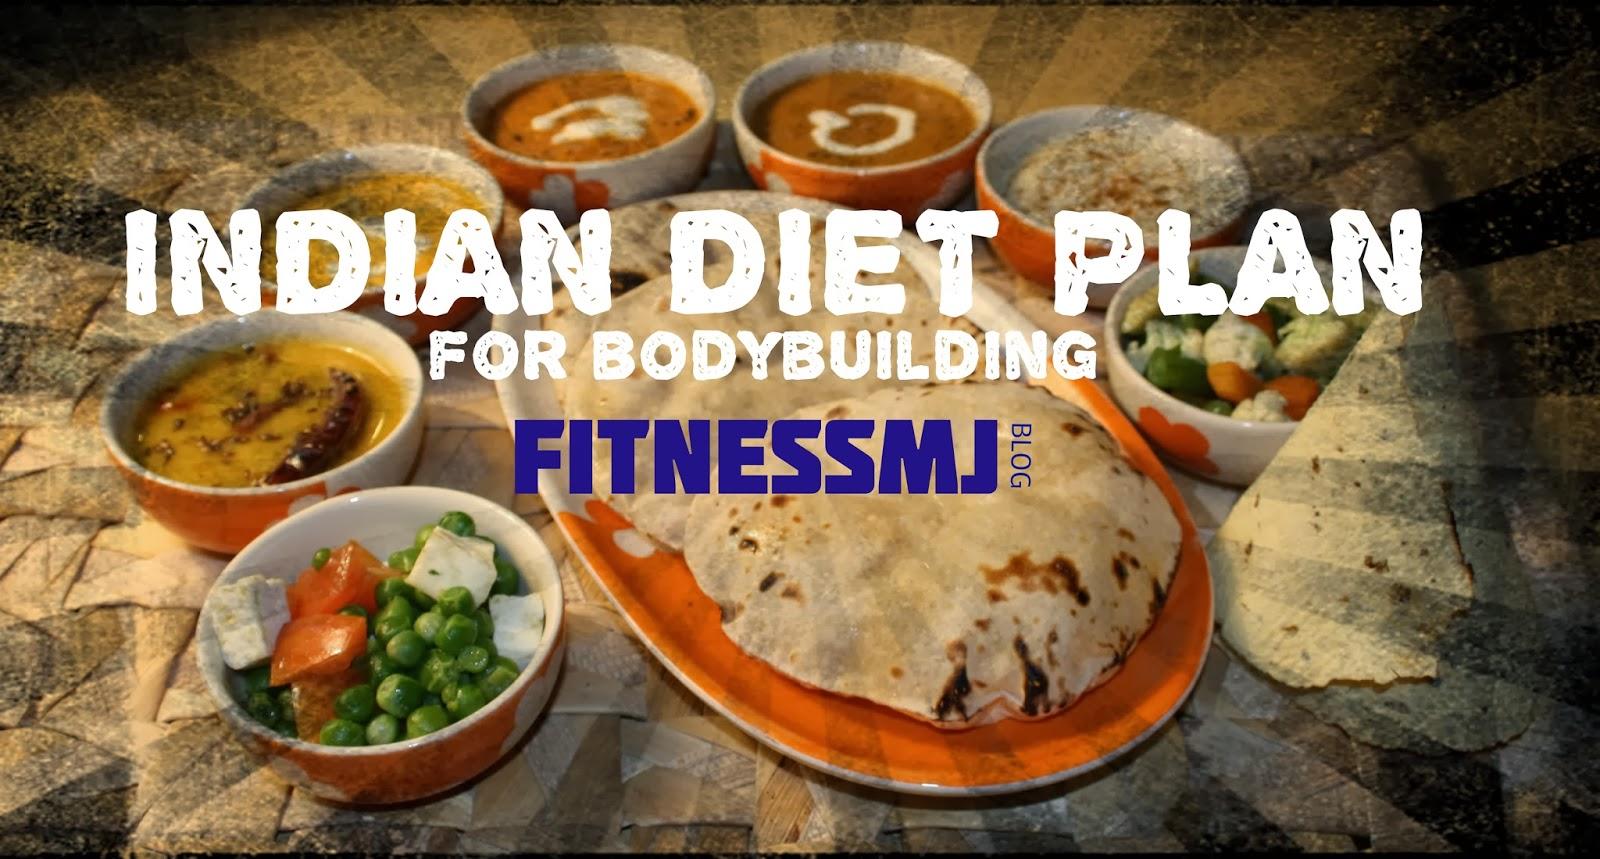 Indian Diet Plan for Bodybuilding - AESTHETIC BODYBUILDING